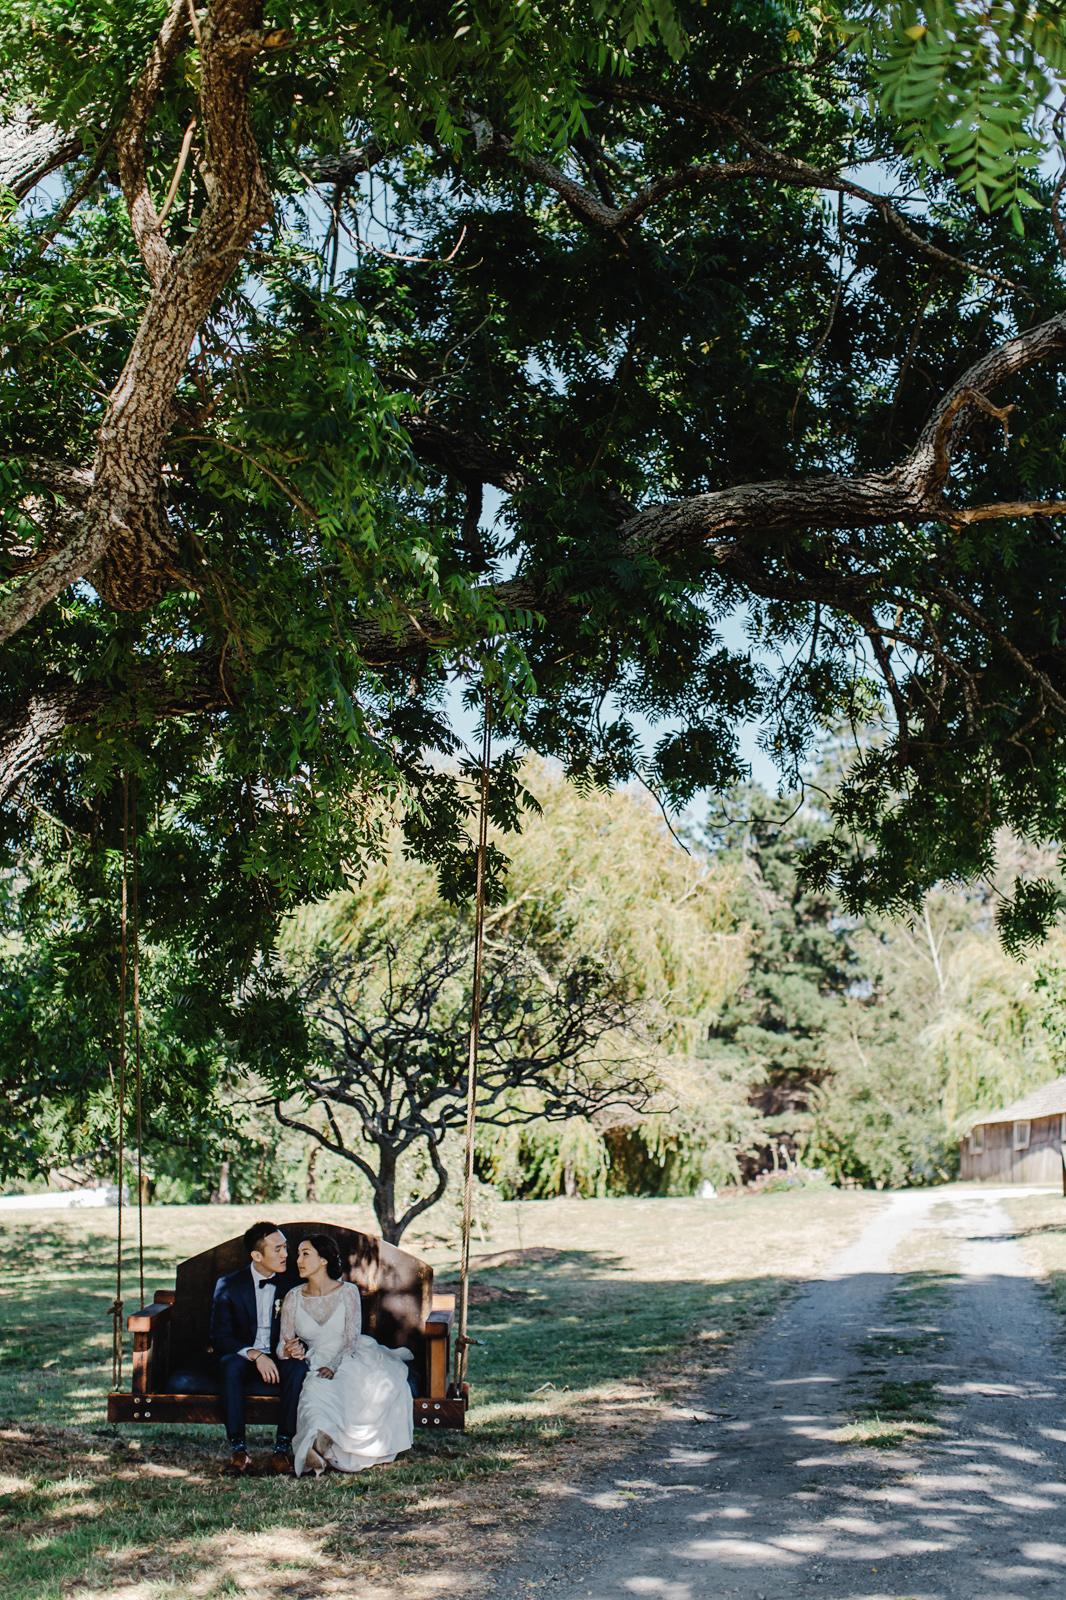 walnut tree swing photo by william kim photography